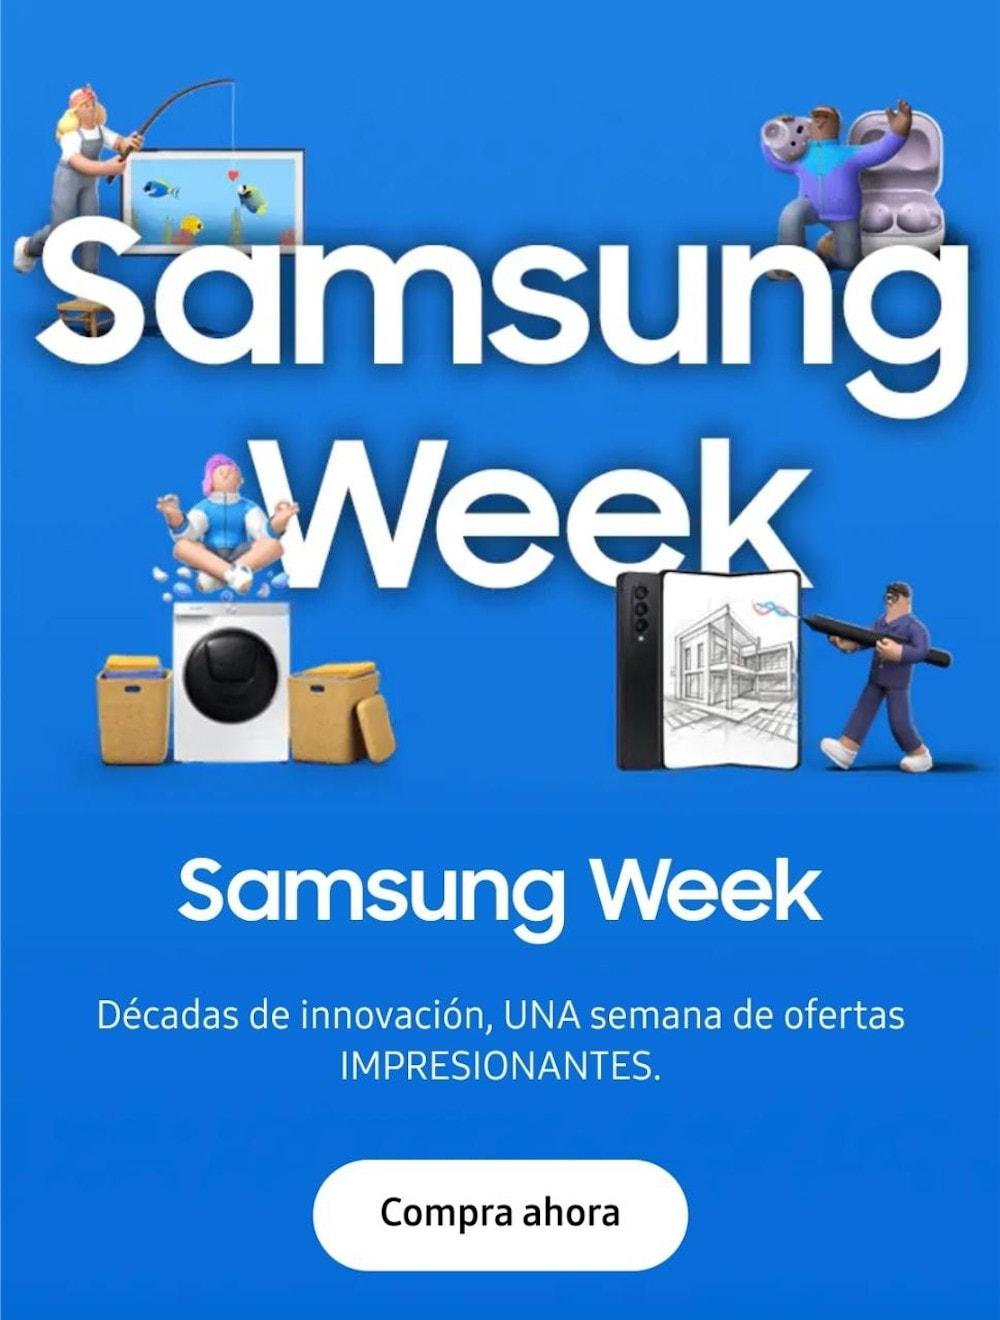 Samsung Week: Increíbles descuentos en tus equipos favoritos